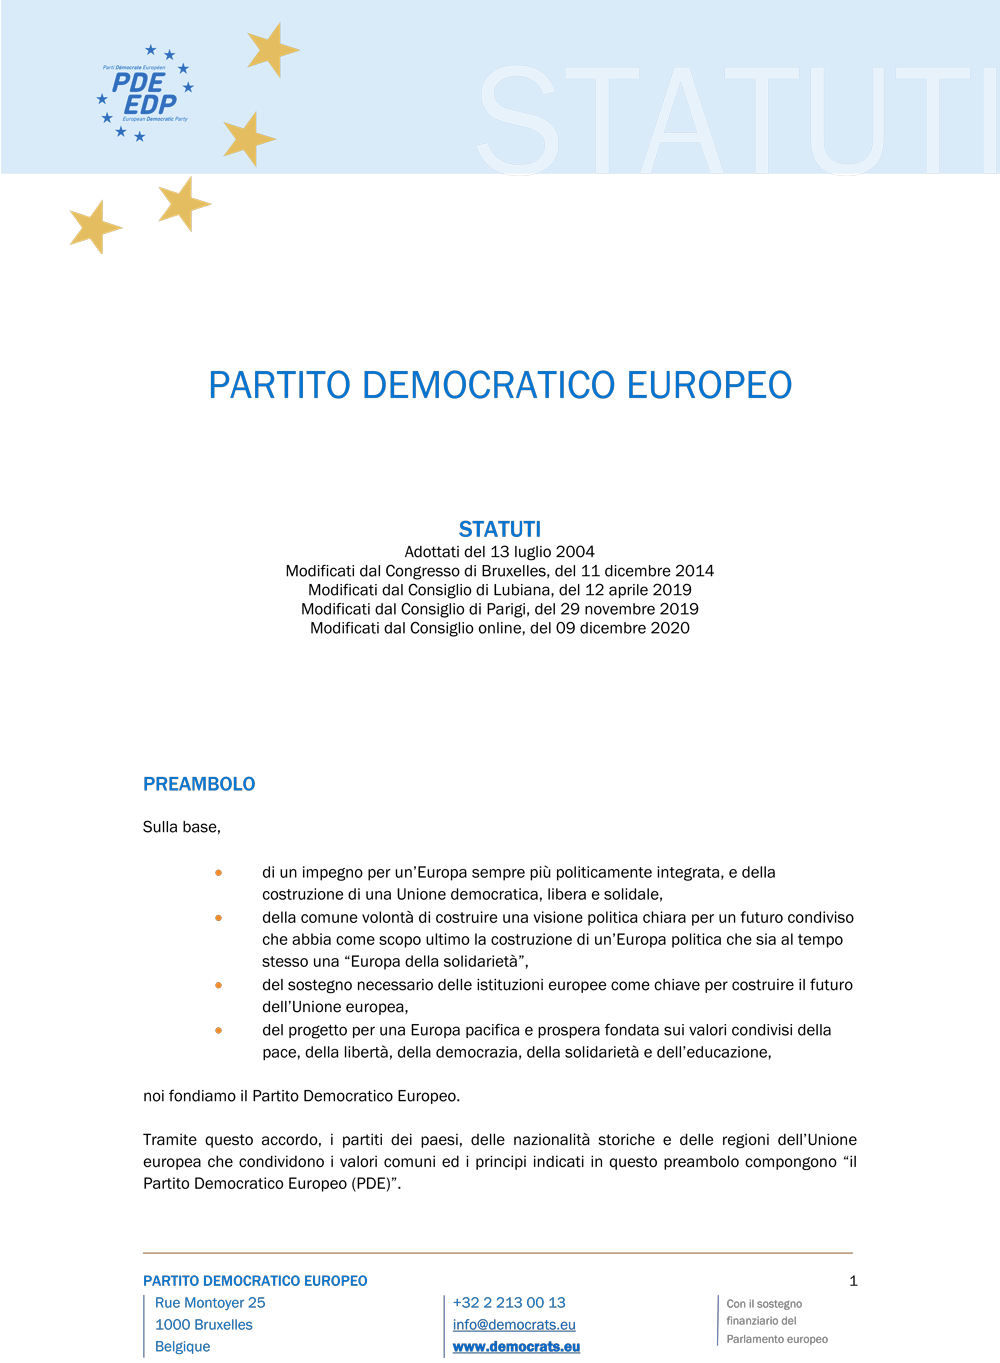 Statuti PDE 2020